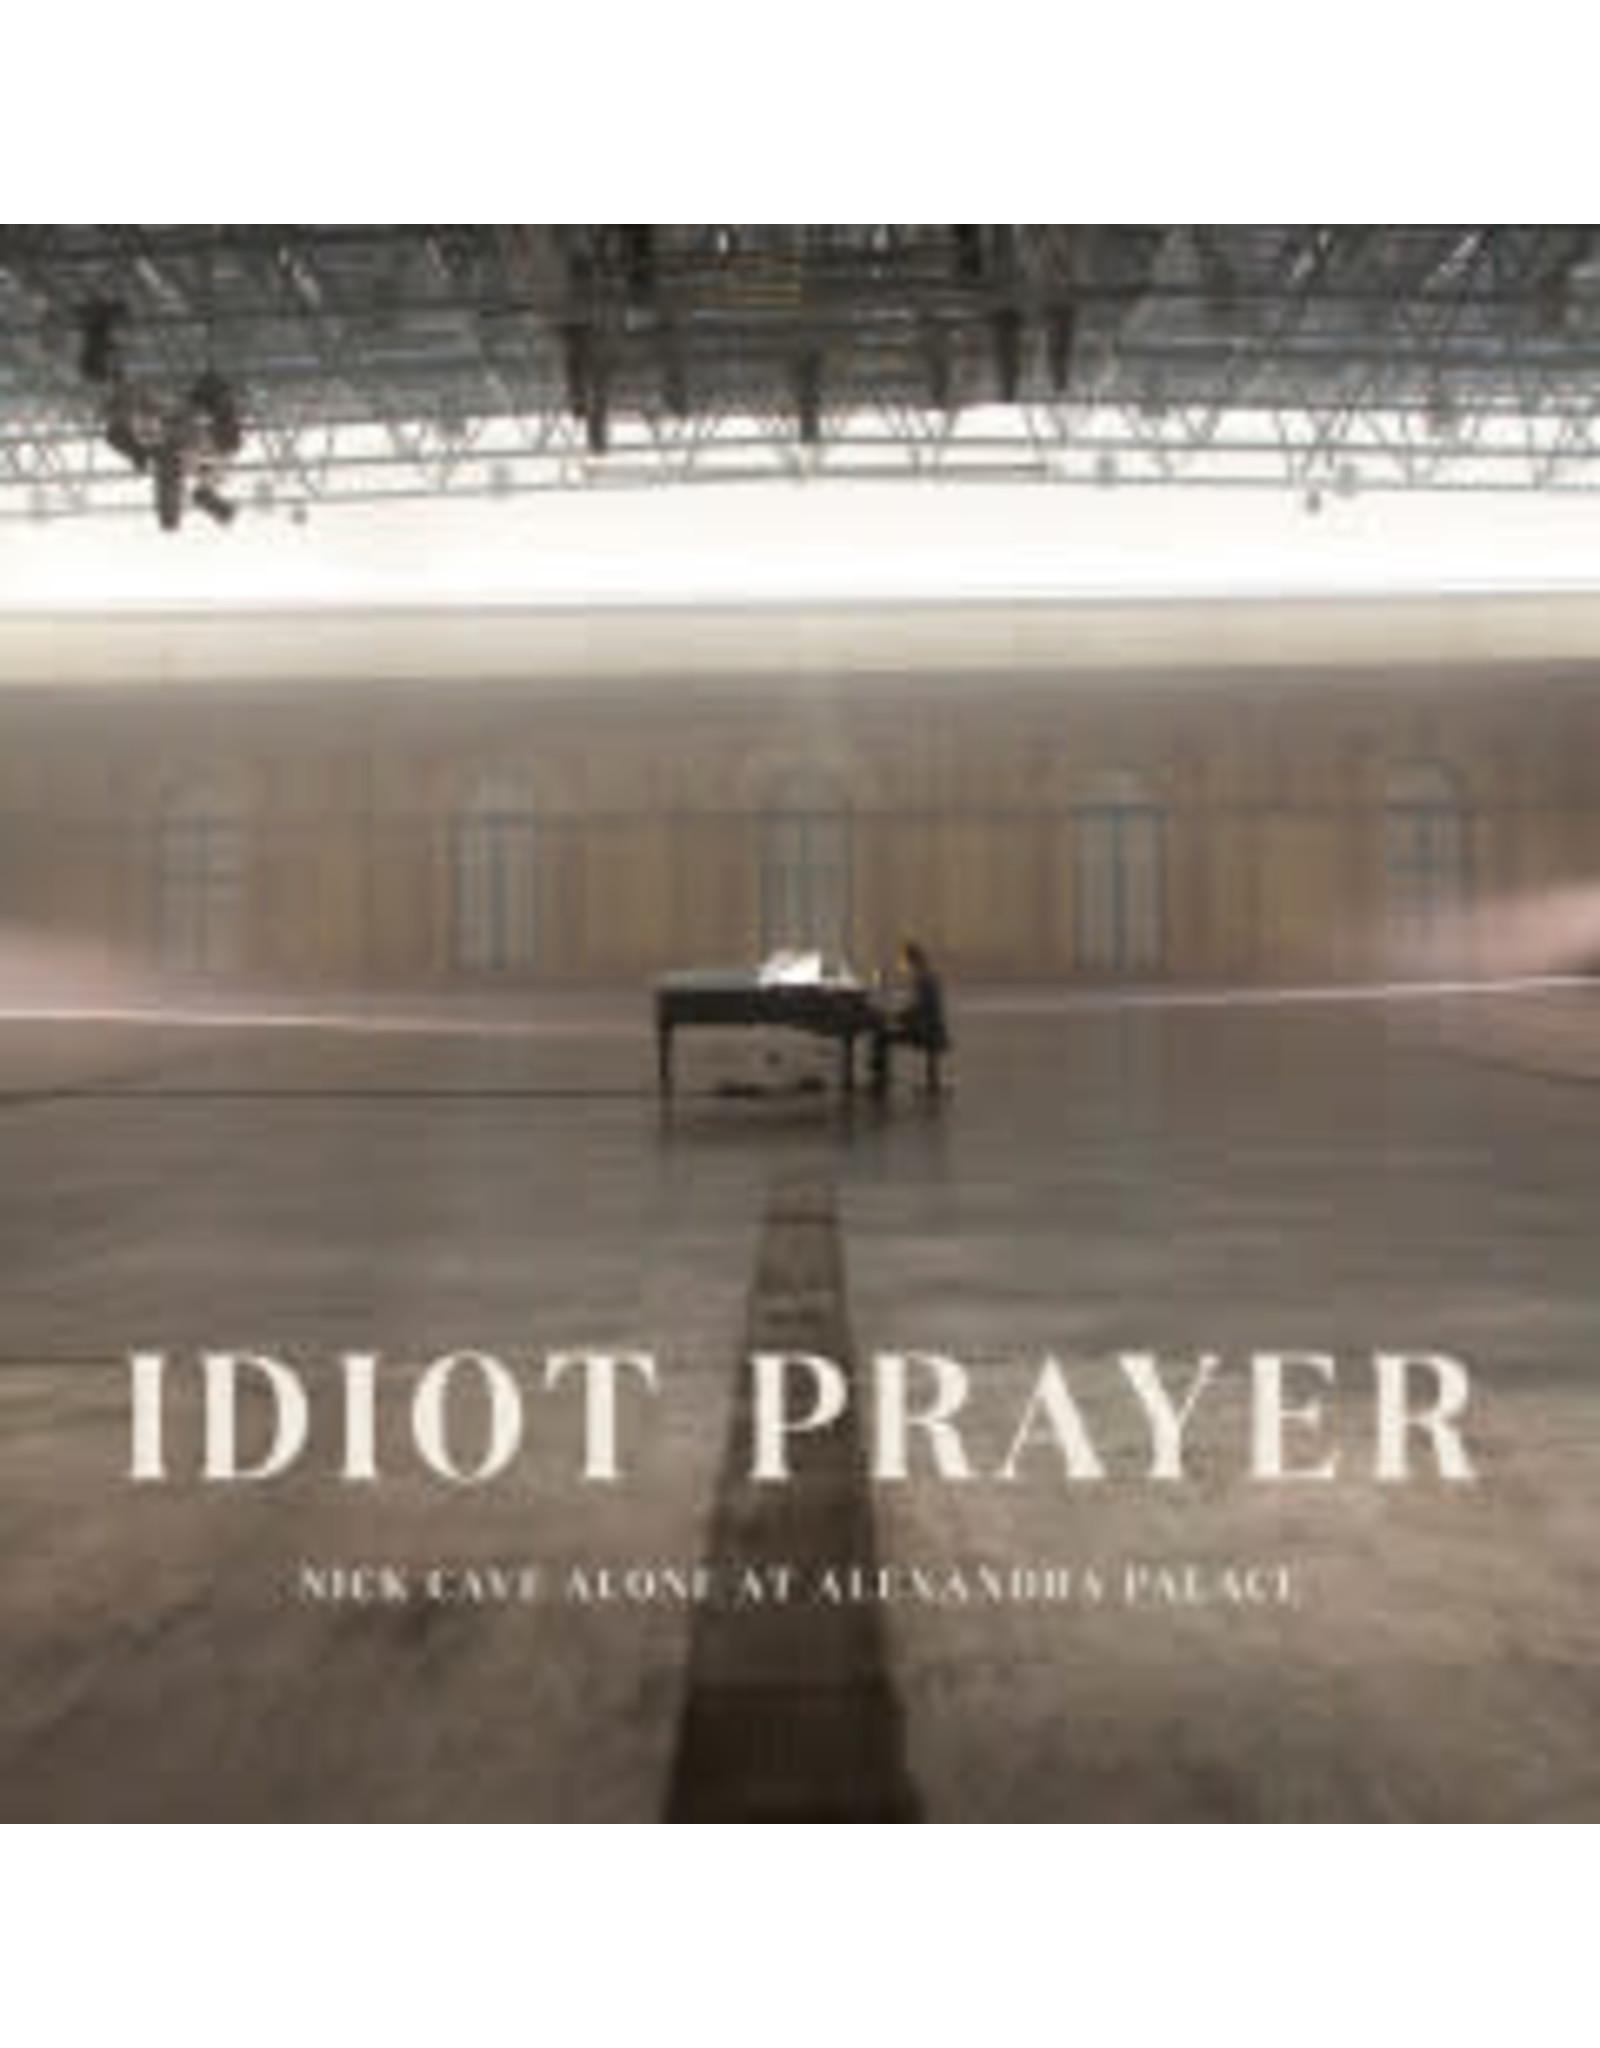 Cave, Nick - Idiot Prayer CD